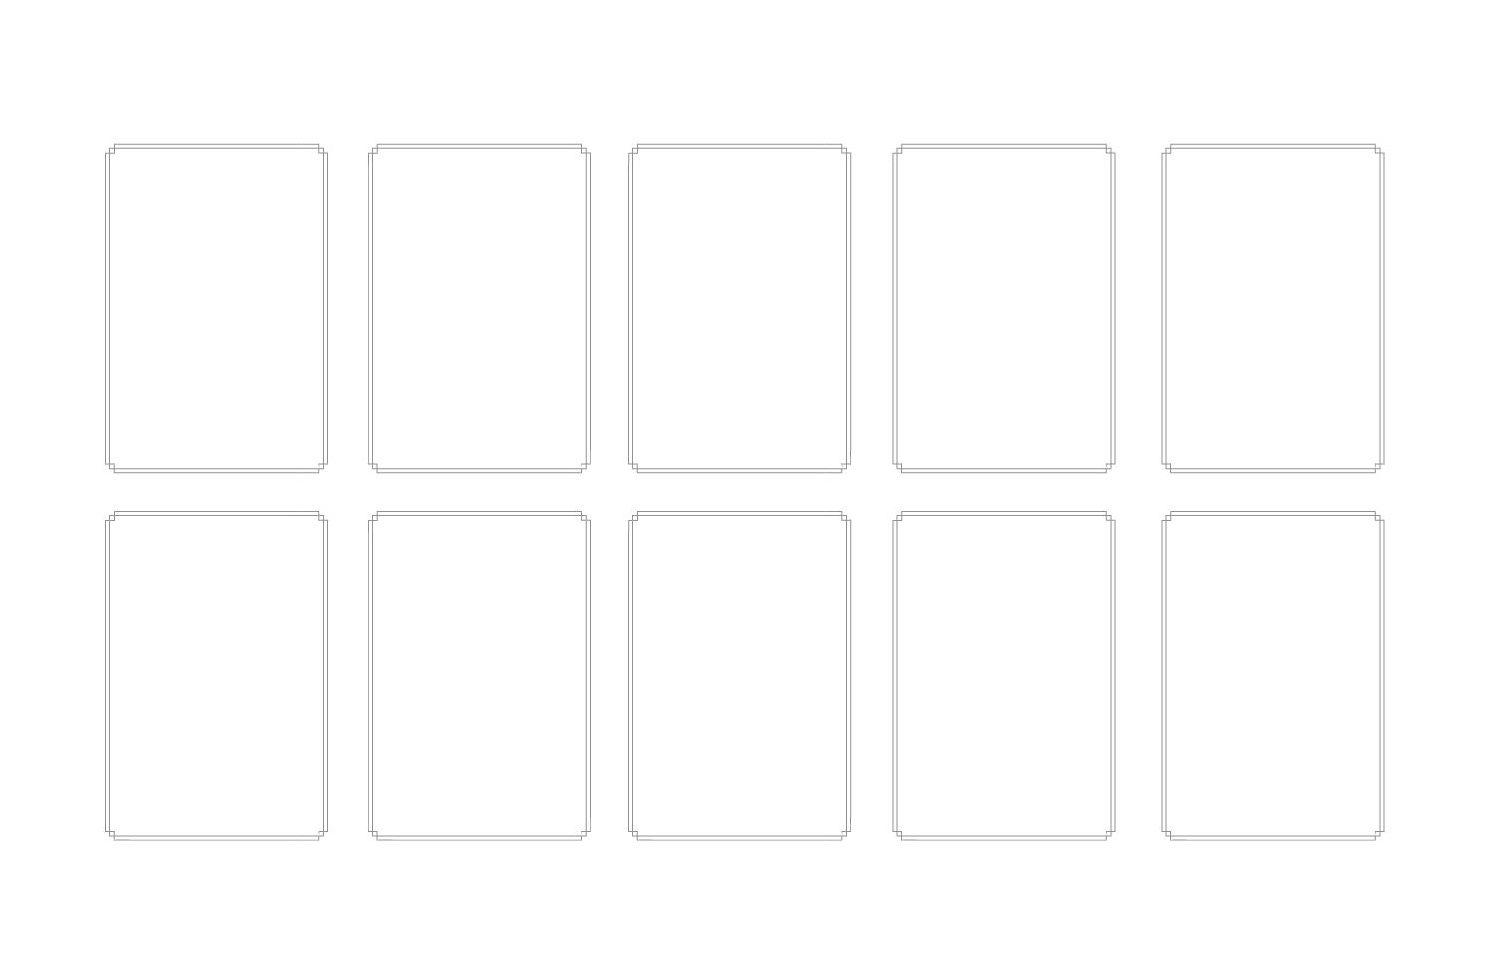 Gráfico de panorámica con dos filas